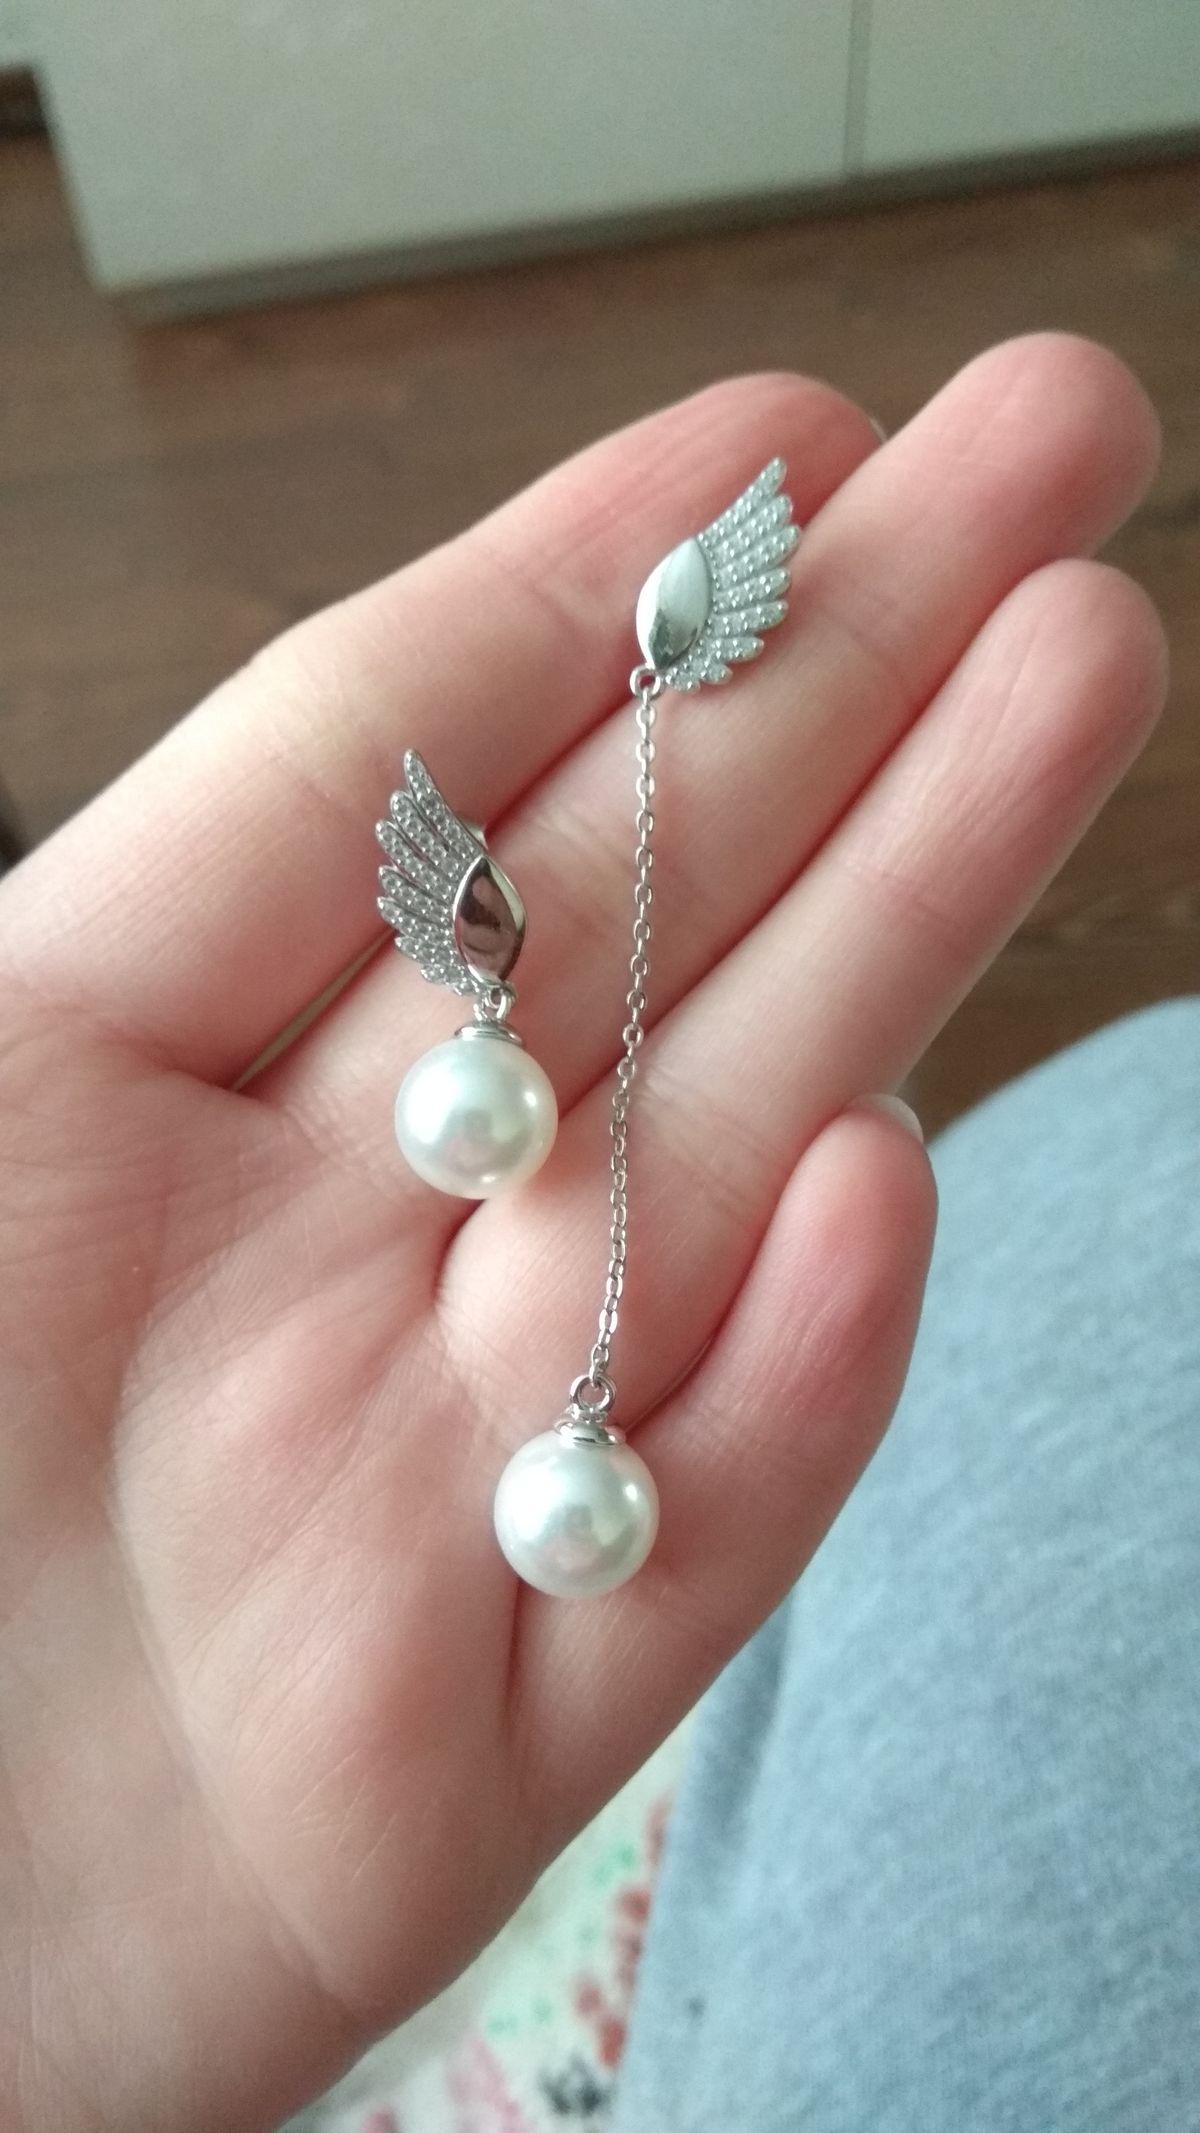 Супер стильные сережки с крыльями ангела)))))